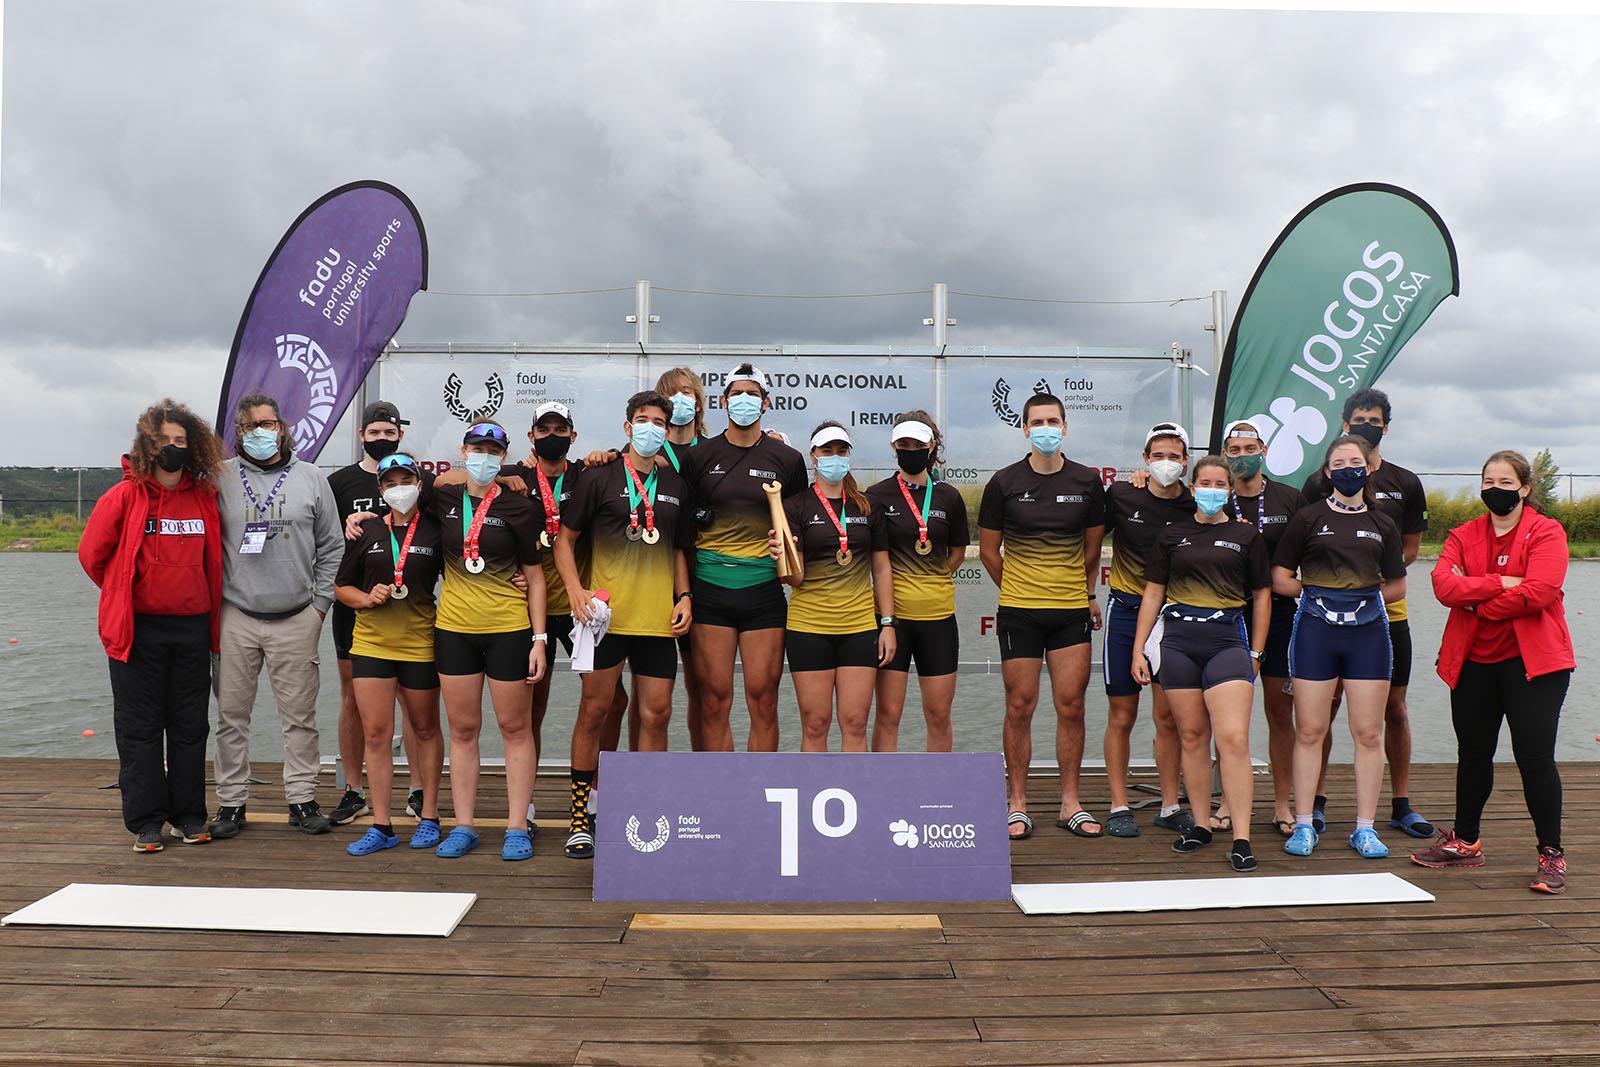 U.Porto sagra-se tricampeã nacional universitária de Remo